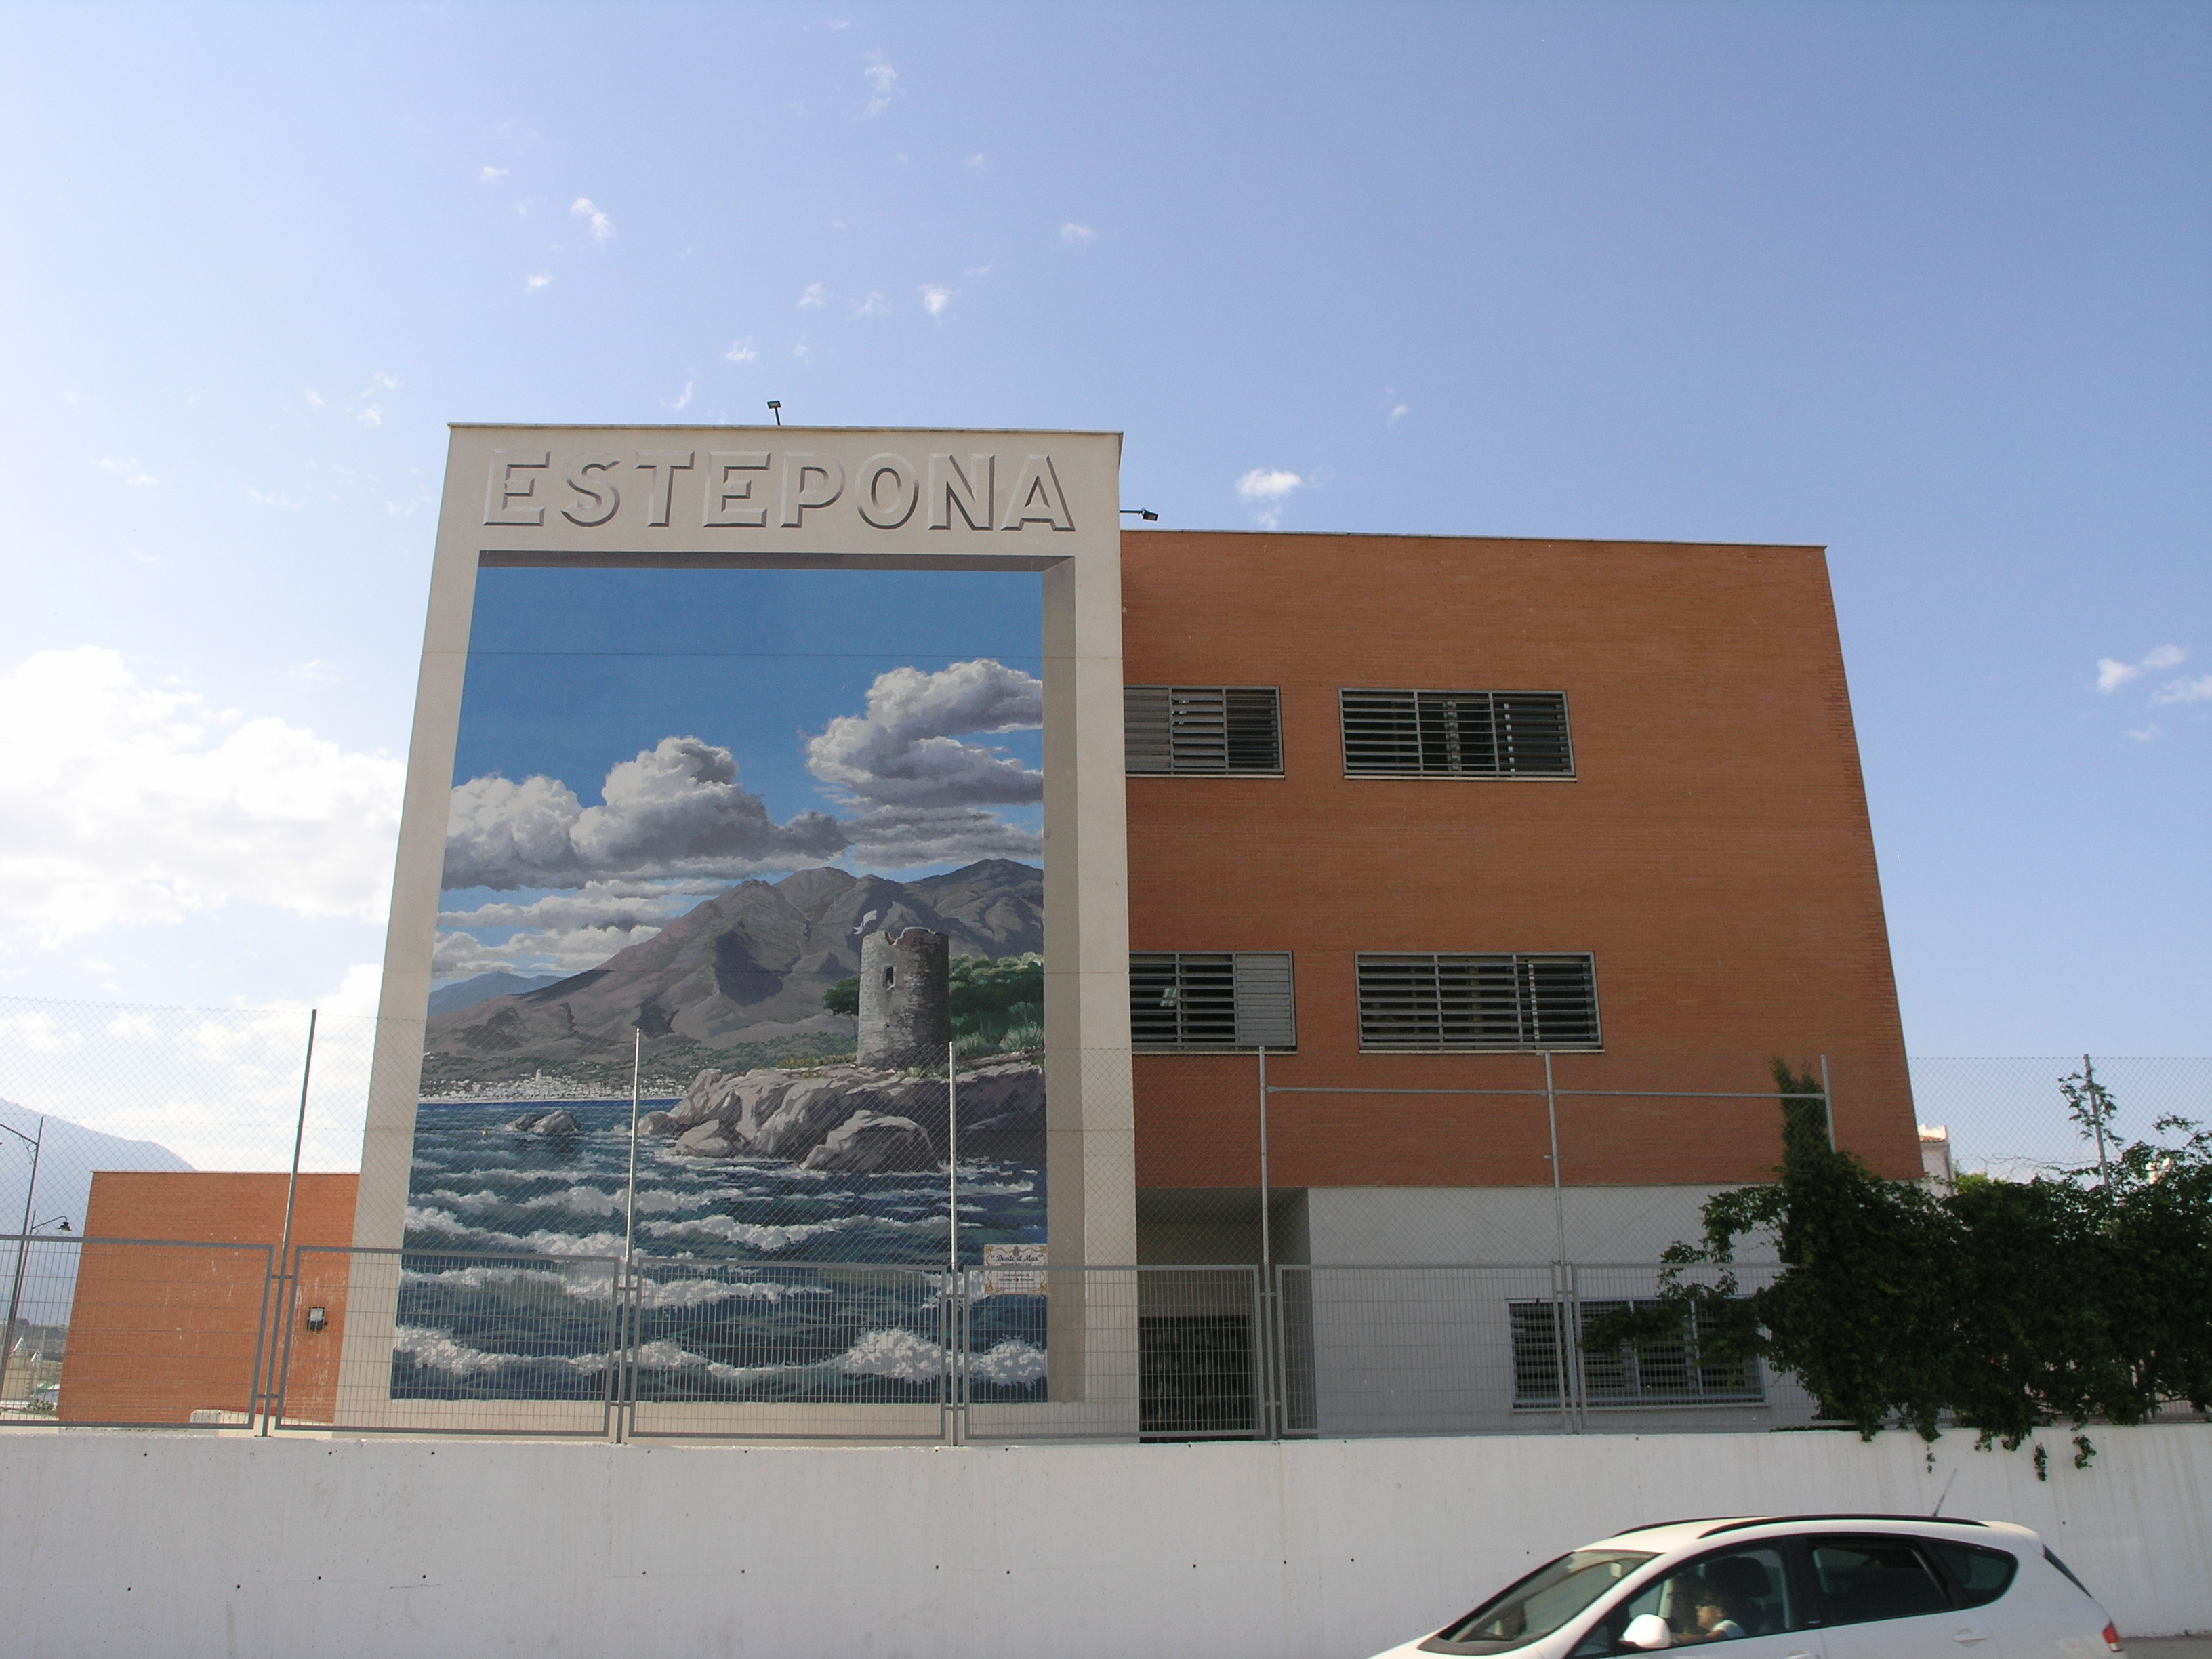 Estepona murals